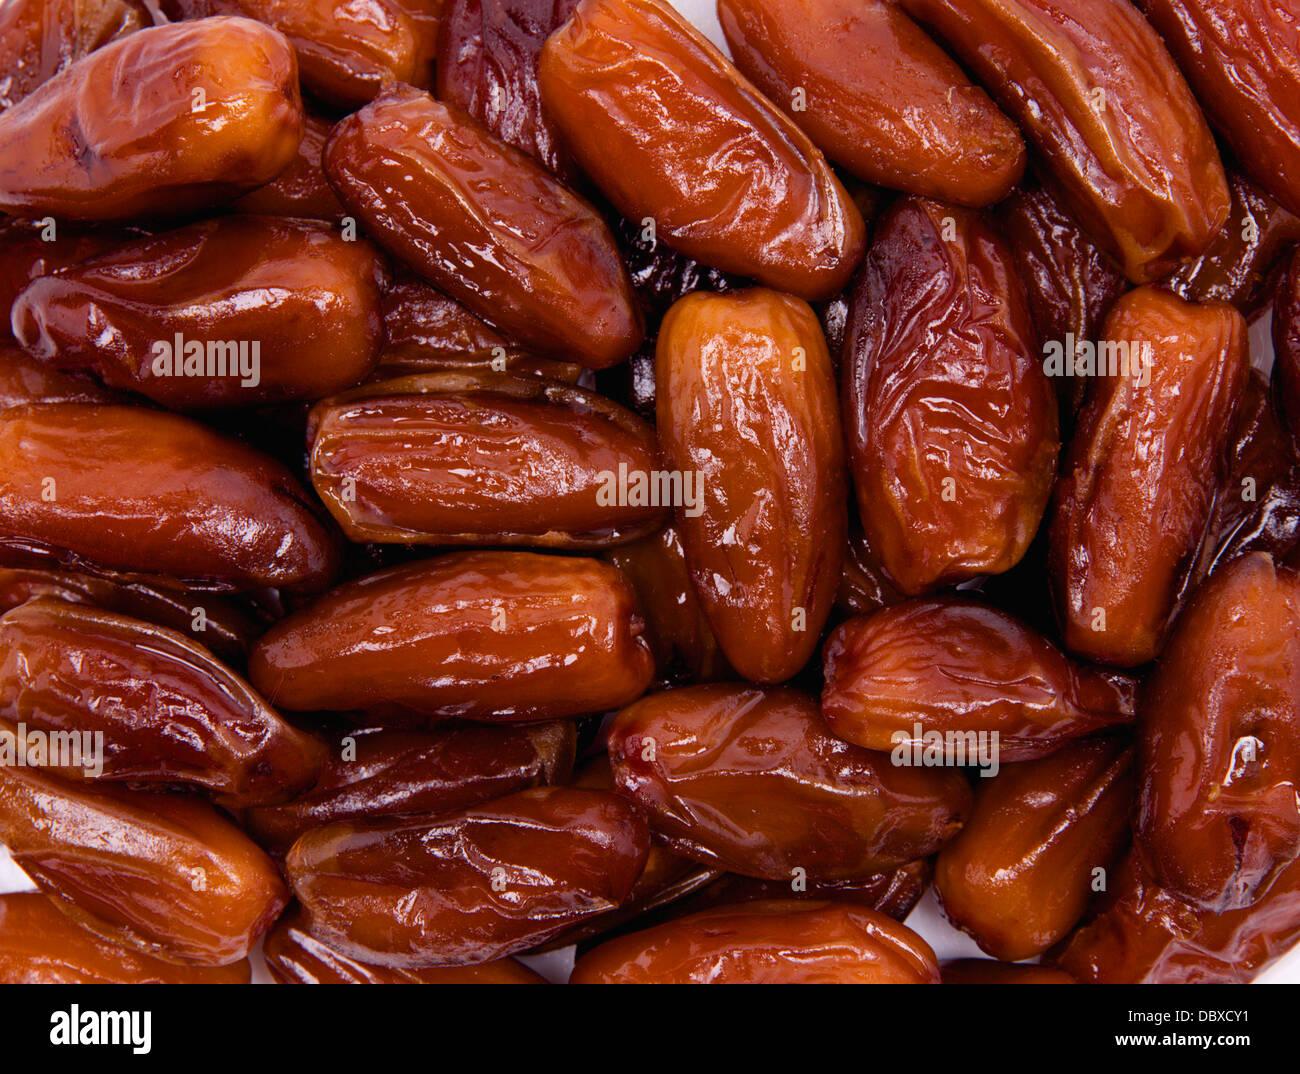 Getrockneten Datum Früchte Hintergrund Stockbild